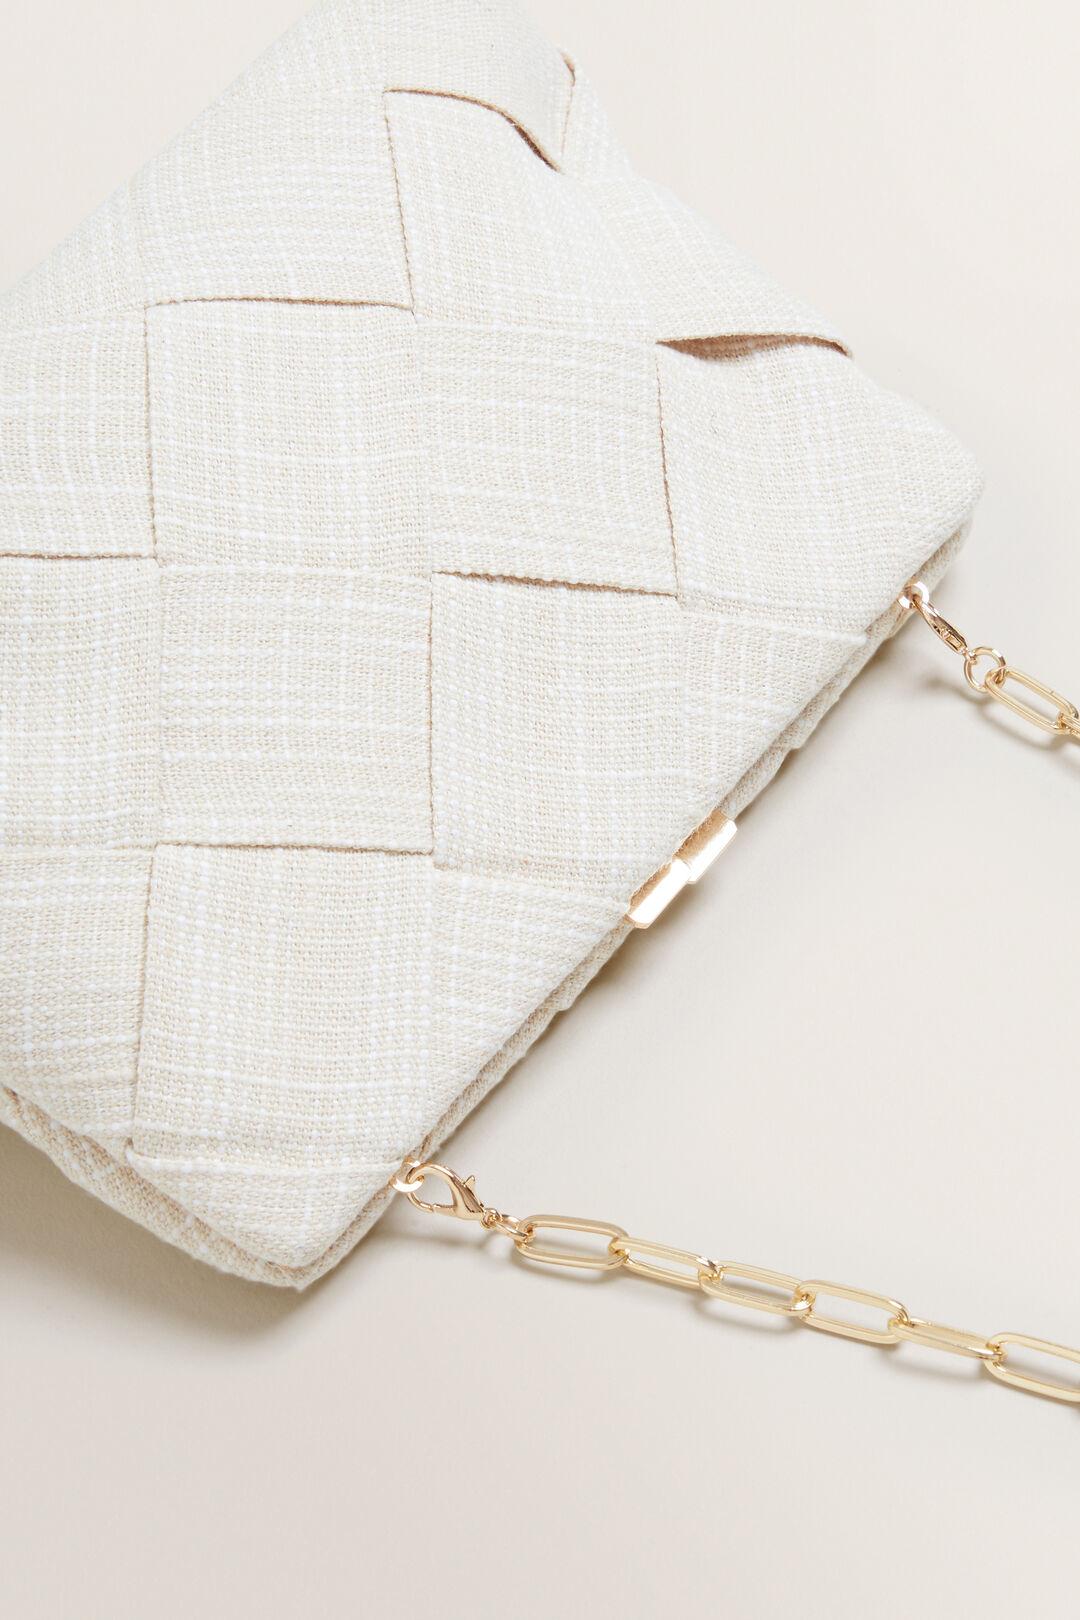 Weave Frame Clutch  NATURAL  hi-res